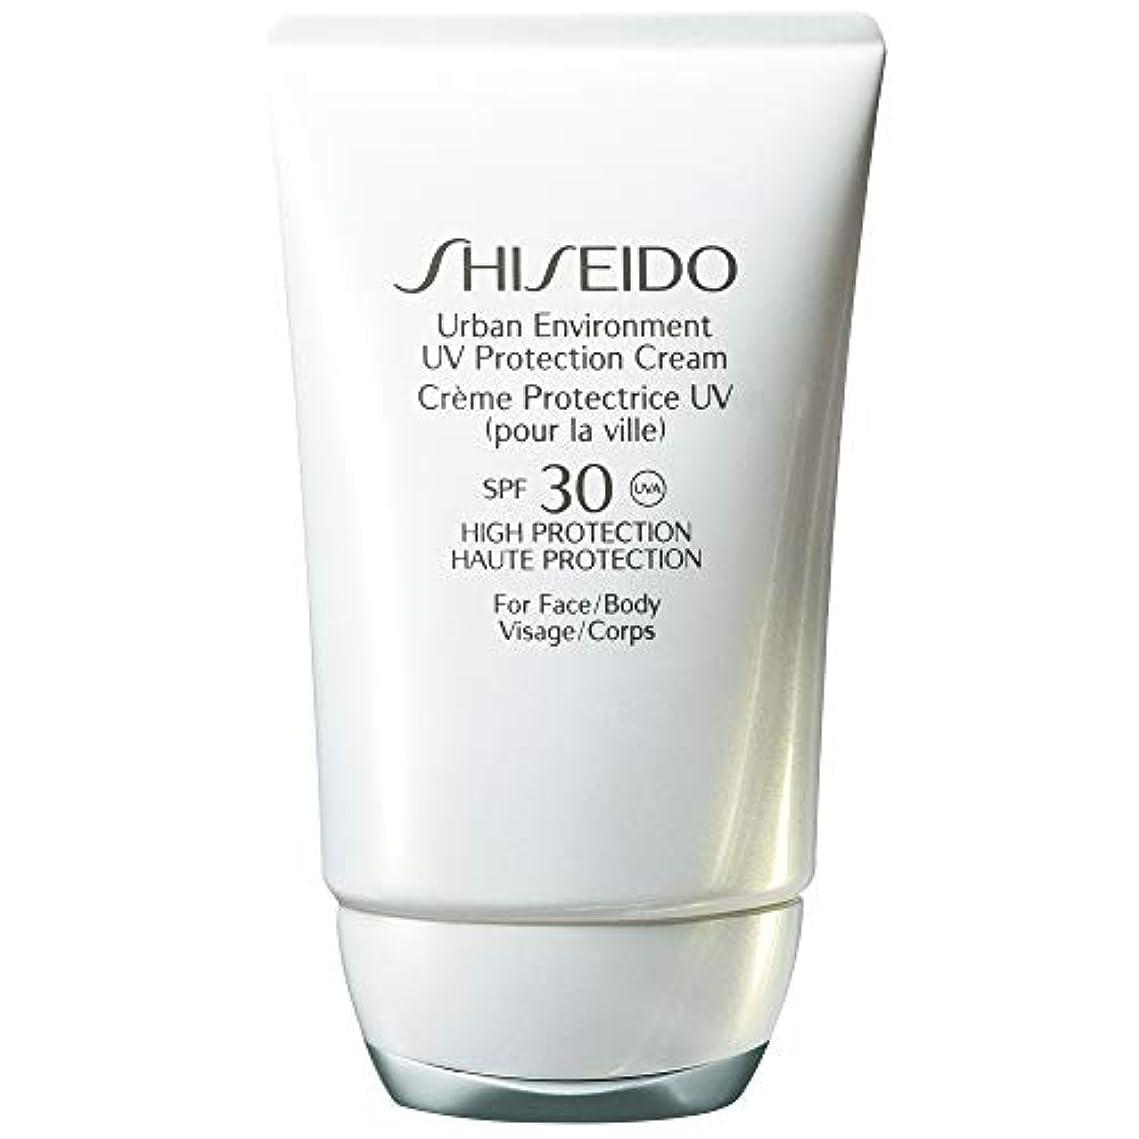 洋服かける退屈[Shiseido] 資生堂都市環境UvプロテクションクリームSpf 30 50ミリリットル - Shiseido Urban Environment Uv Protection Cream Spf 30 50ml [並行輸入品]